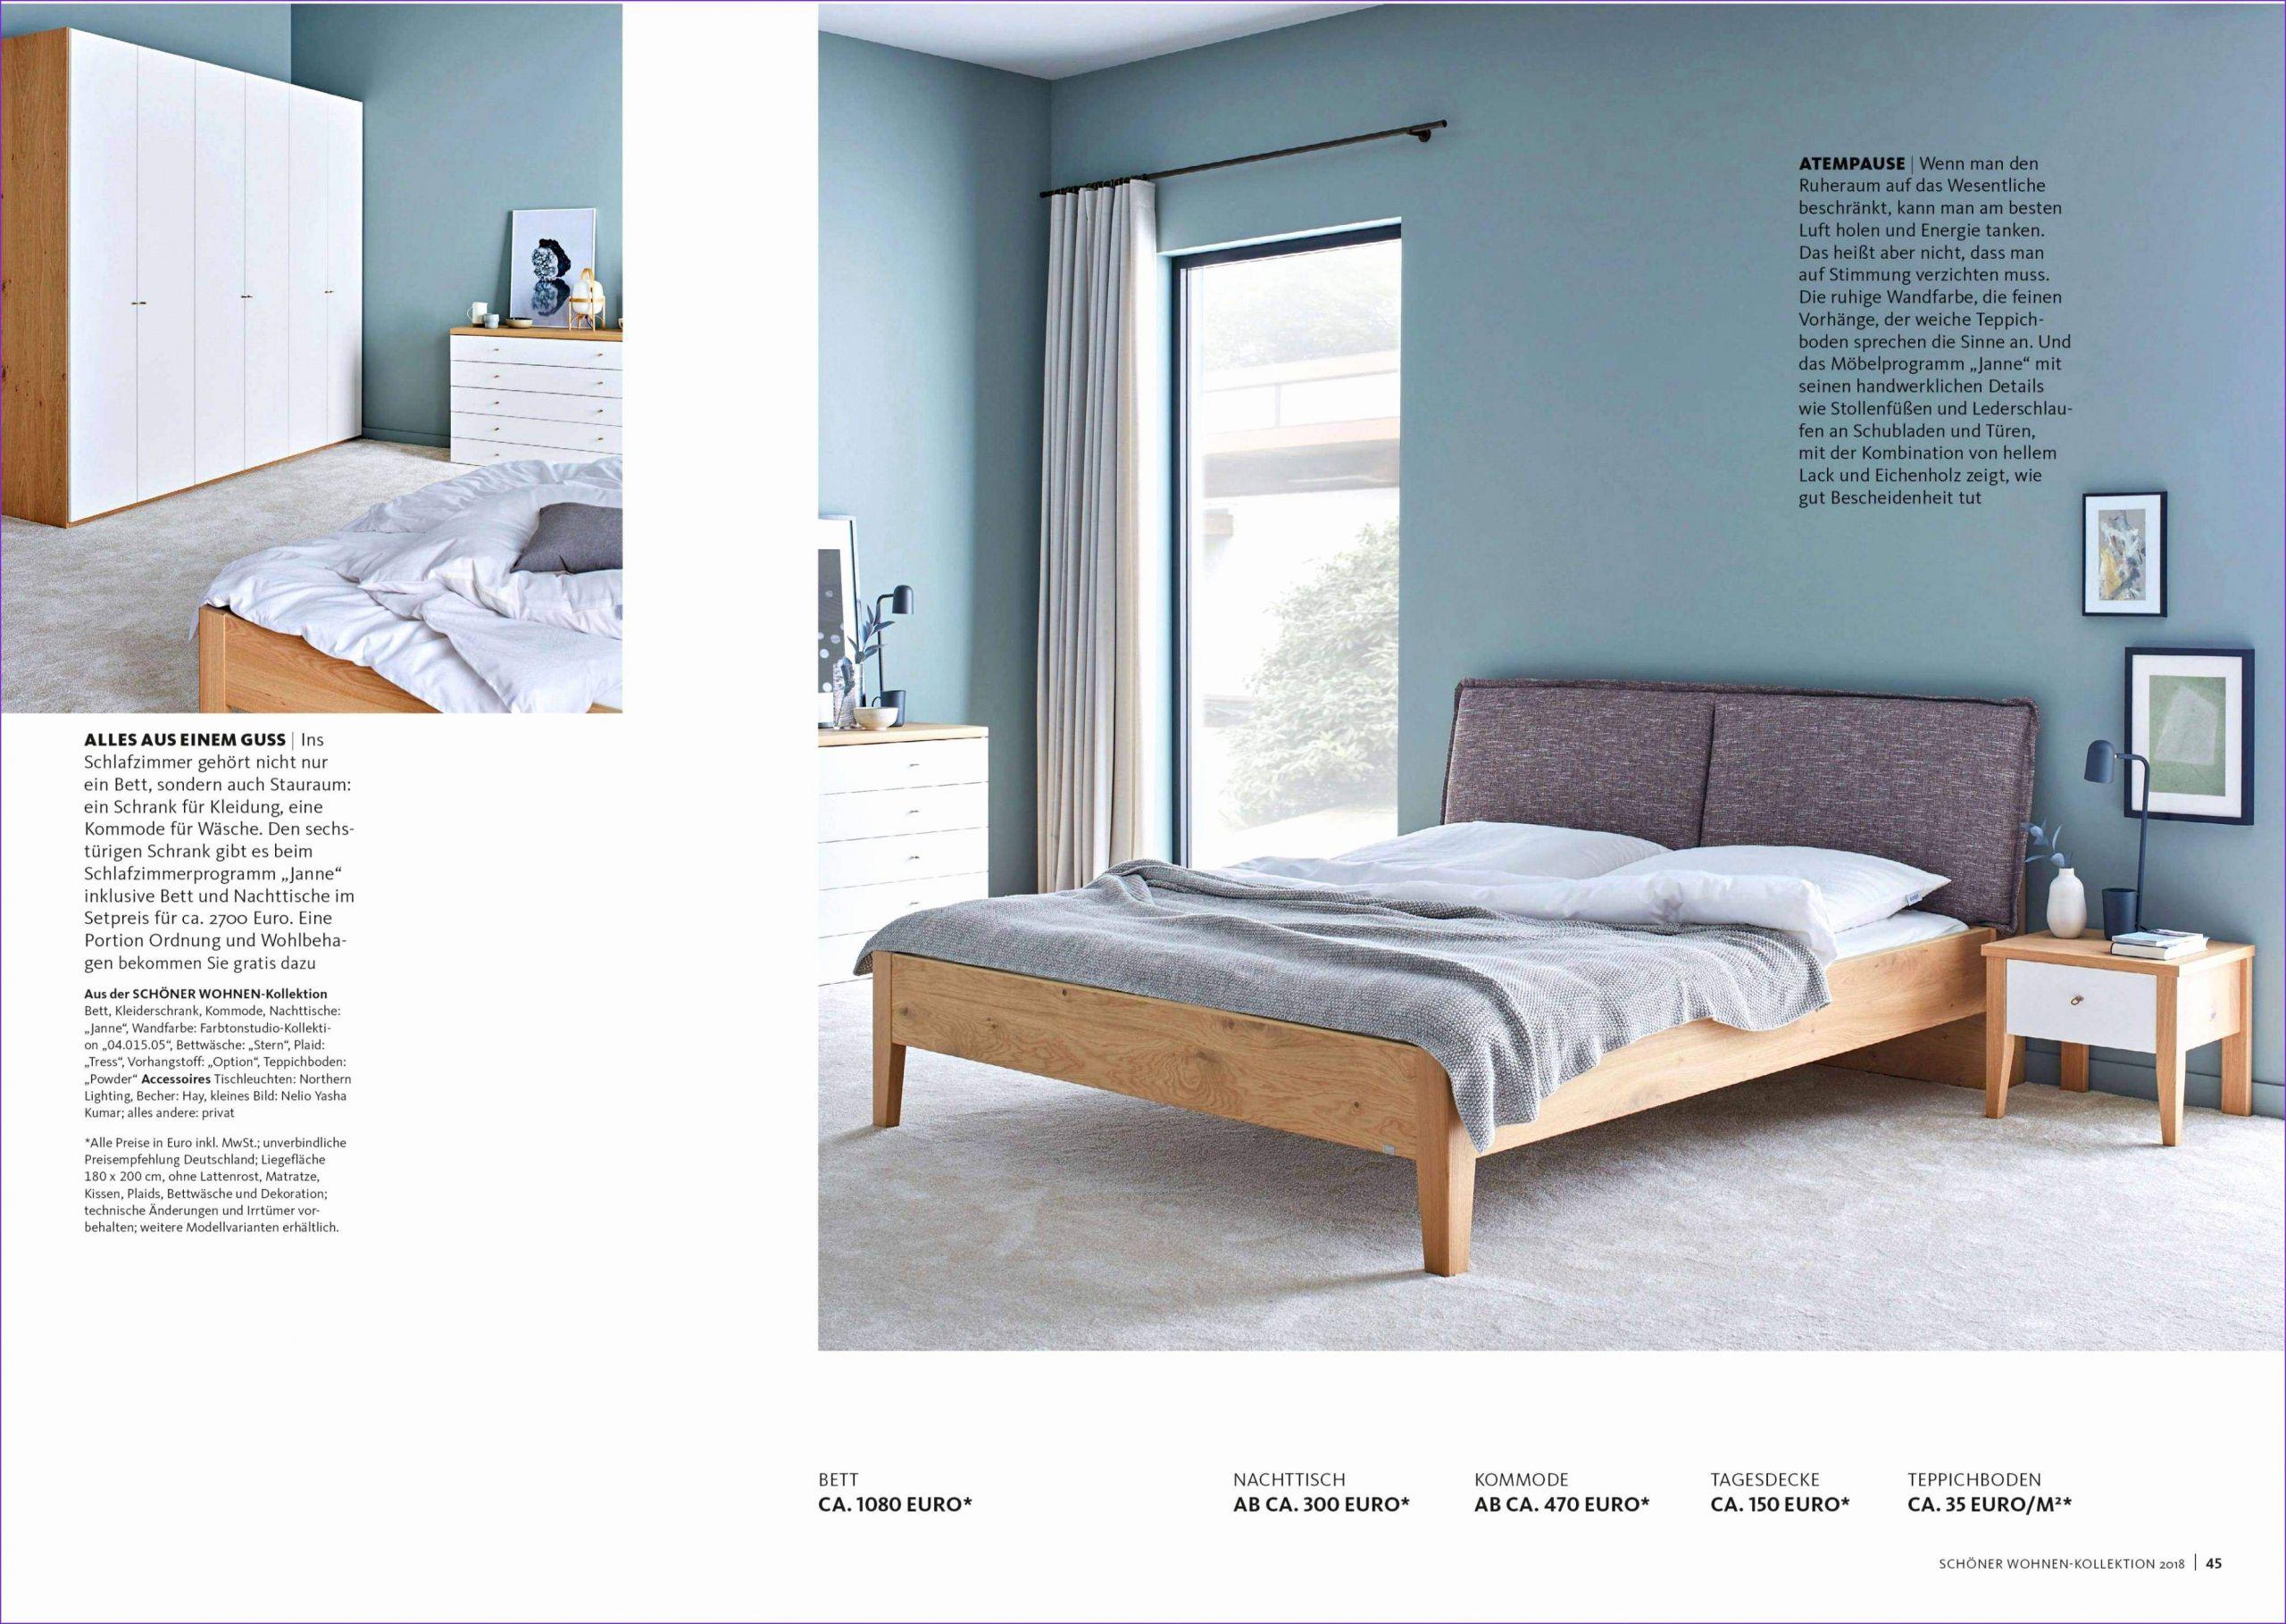 Full Size of Ikea Bogenlampe Lampen Wohnzimmer Das Beste Von Lovely Lampe Esstisch Sofa Mit Schlaffunktion Modulküche Küche Kaufen Miniküche Betten Bei Kosten 160x200 Wohnzimmer Ikea Bogenlampe